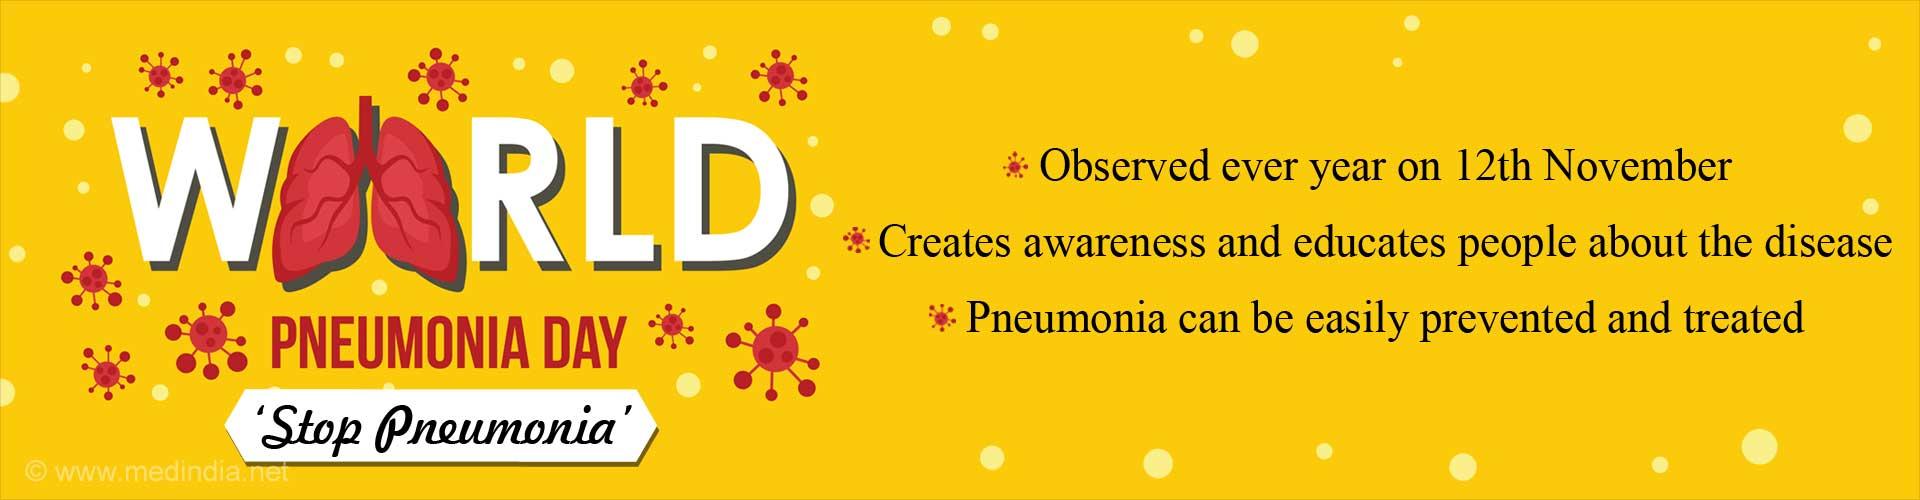 World Pneumonia Day - Halt Pneumonia''s March